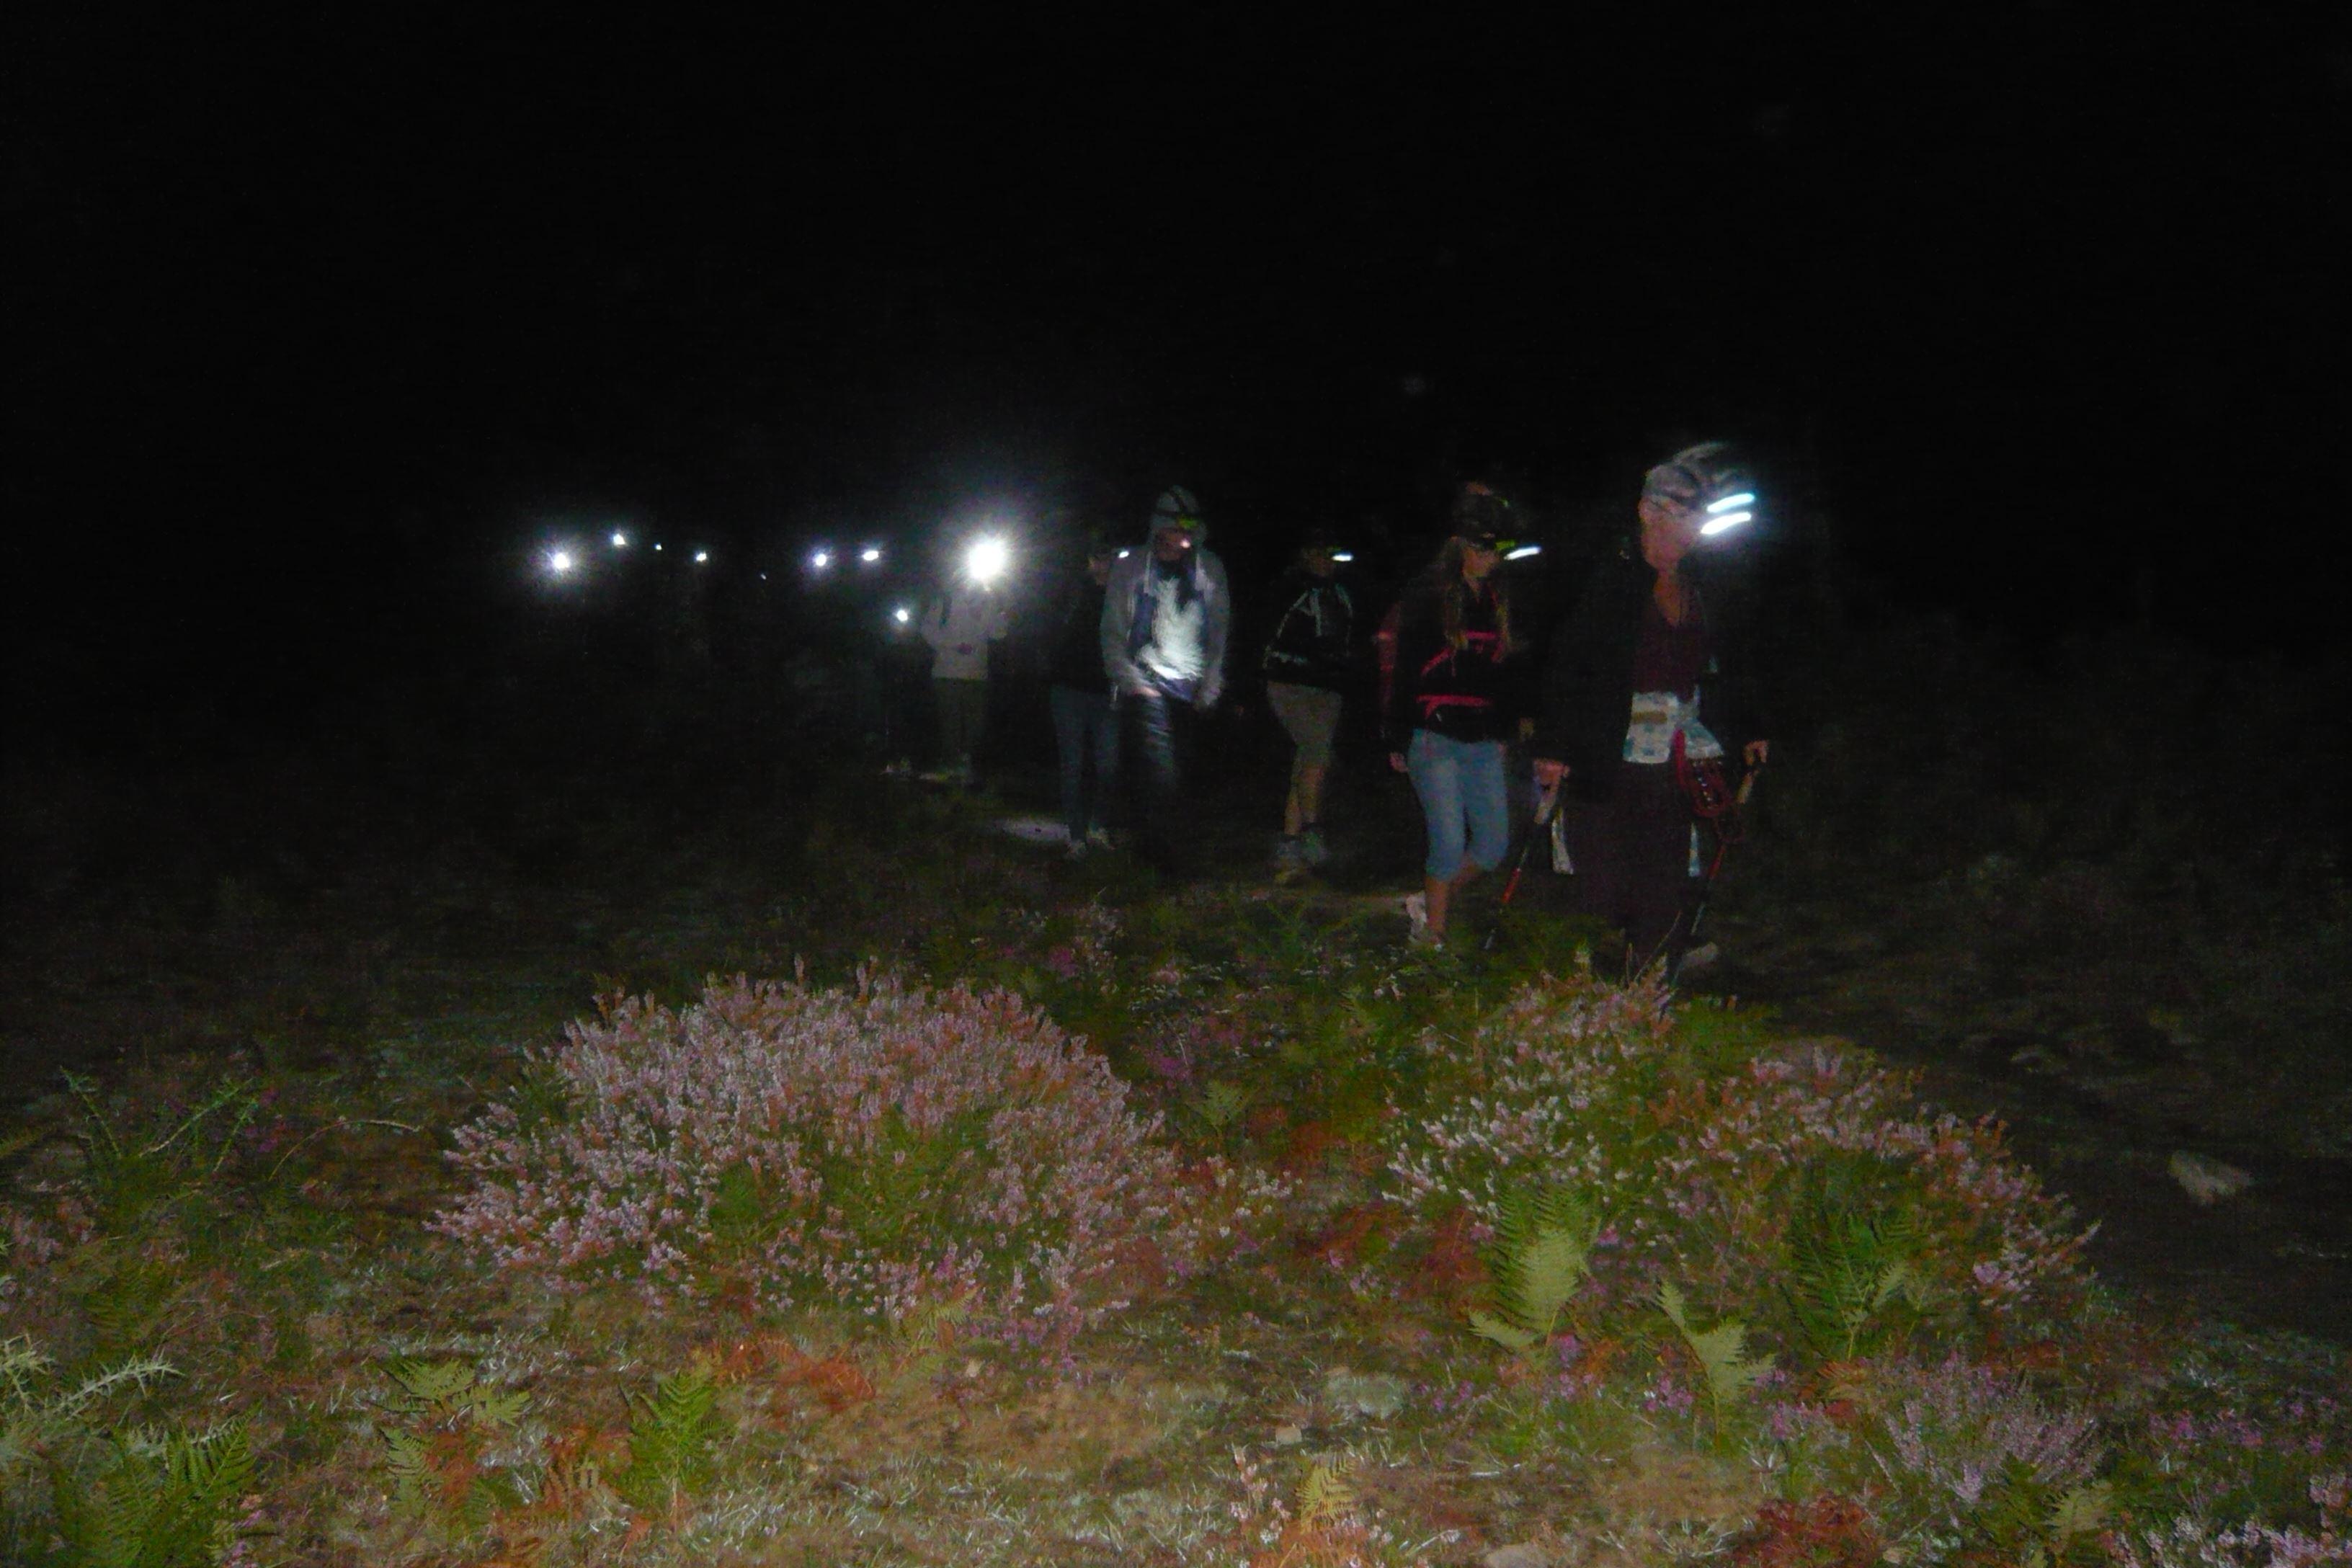 Randonnée nocturne à Ainhoa : LES SOIRÉES DU BERGER